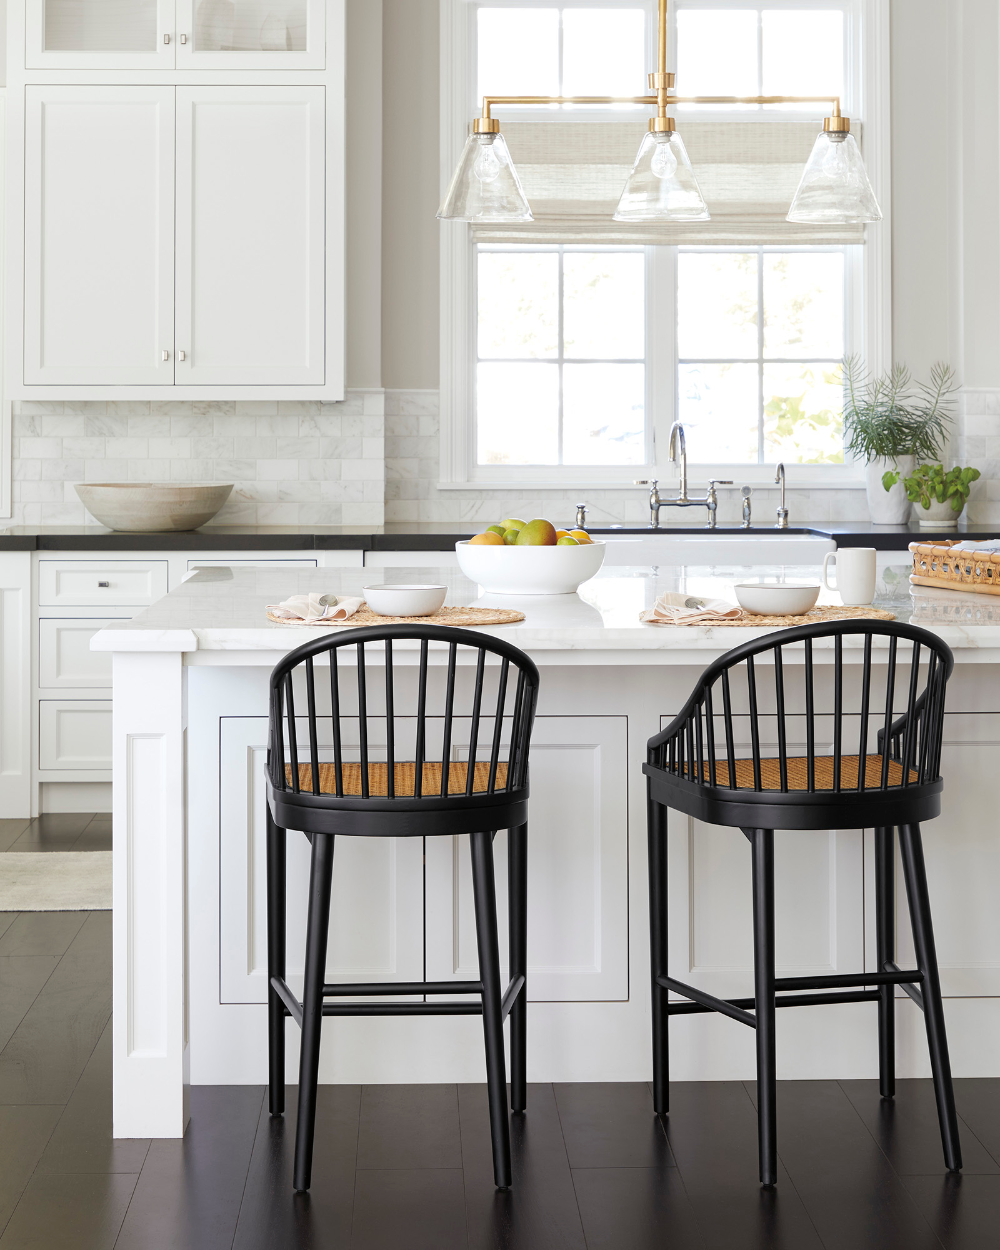 Millbrook Counter Stool In 2020 Cottage Kitchen Design Kitchen Remodel Pretty Kitchen